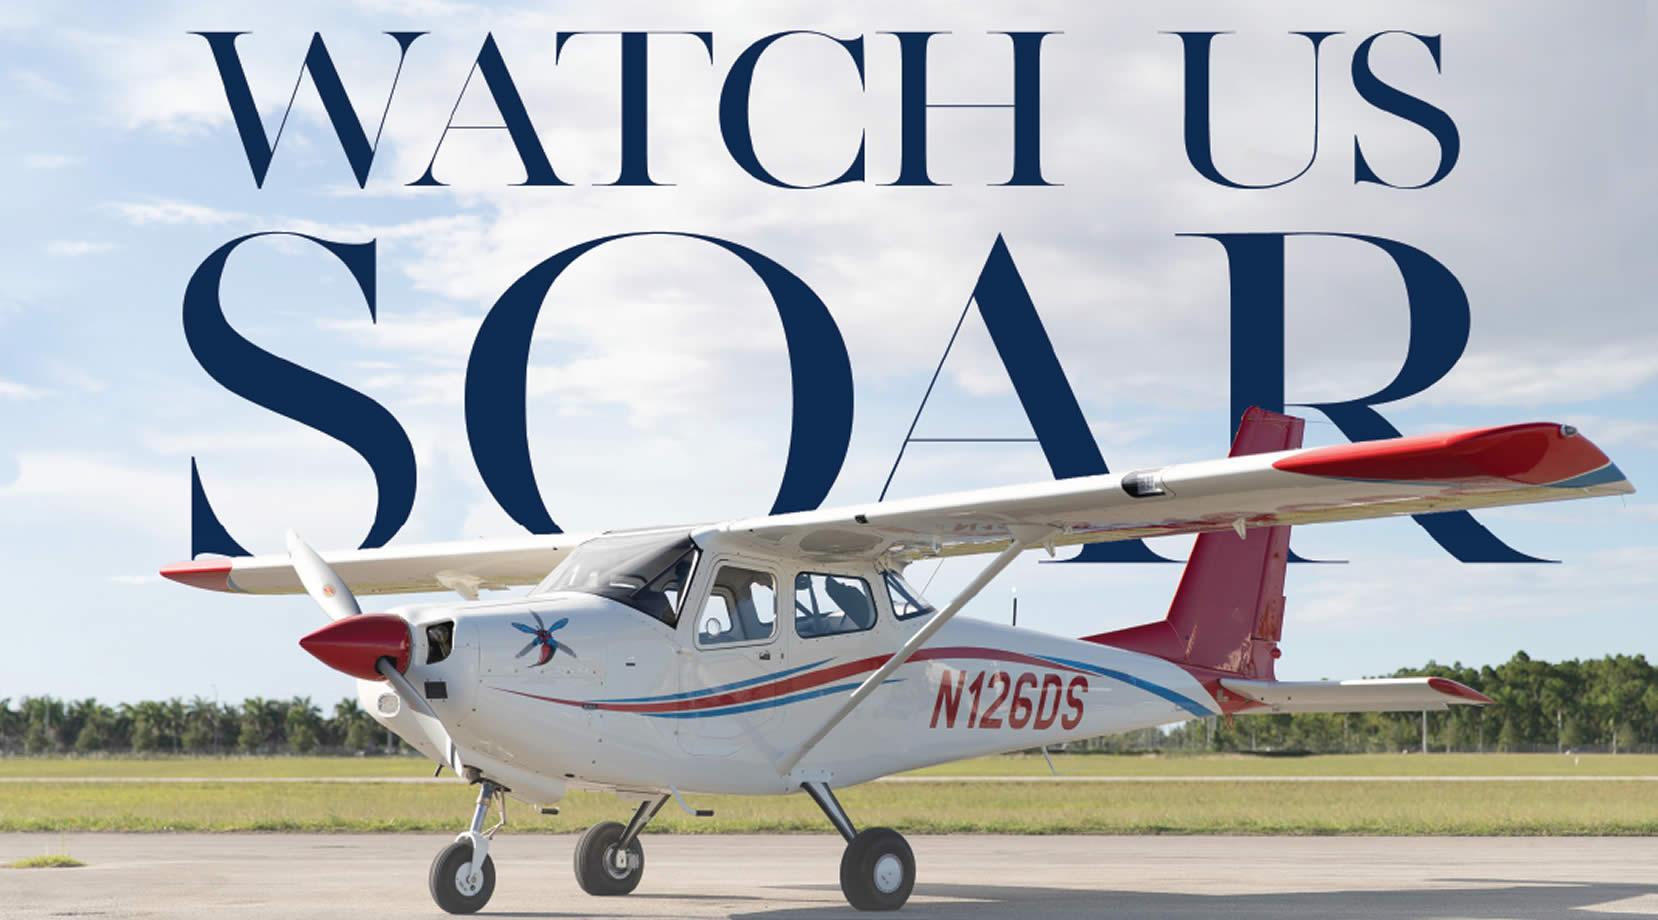 Delaware State University Aviation Program